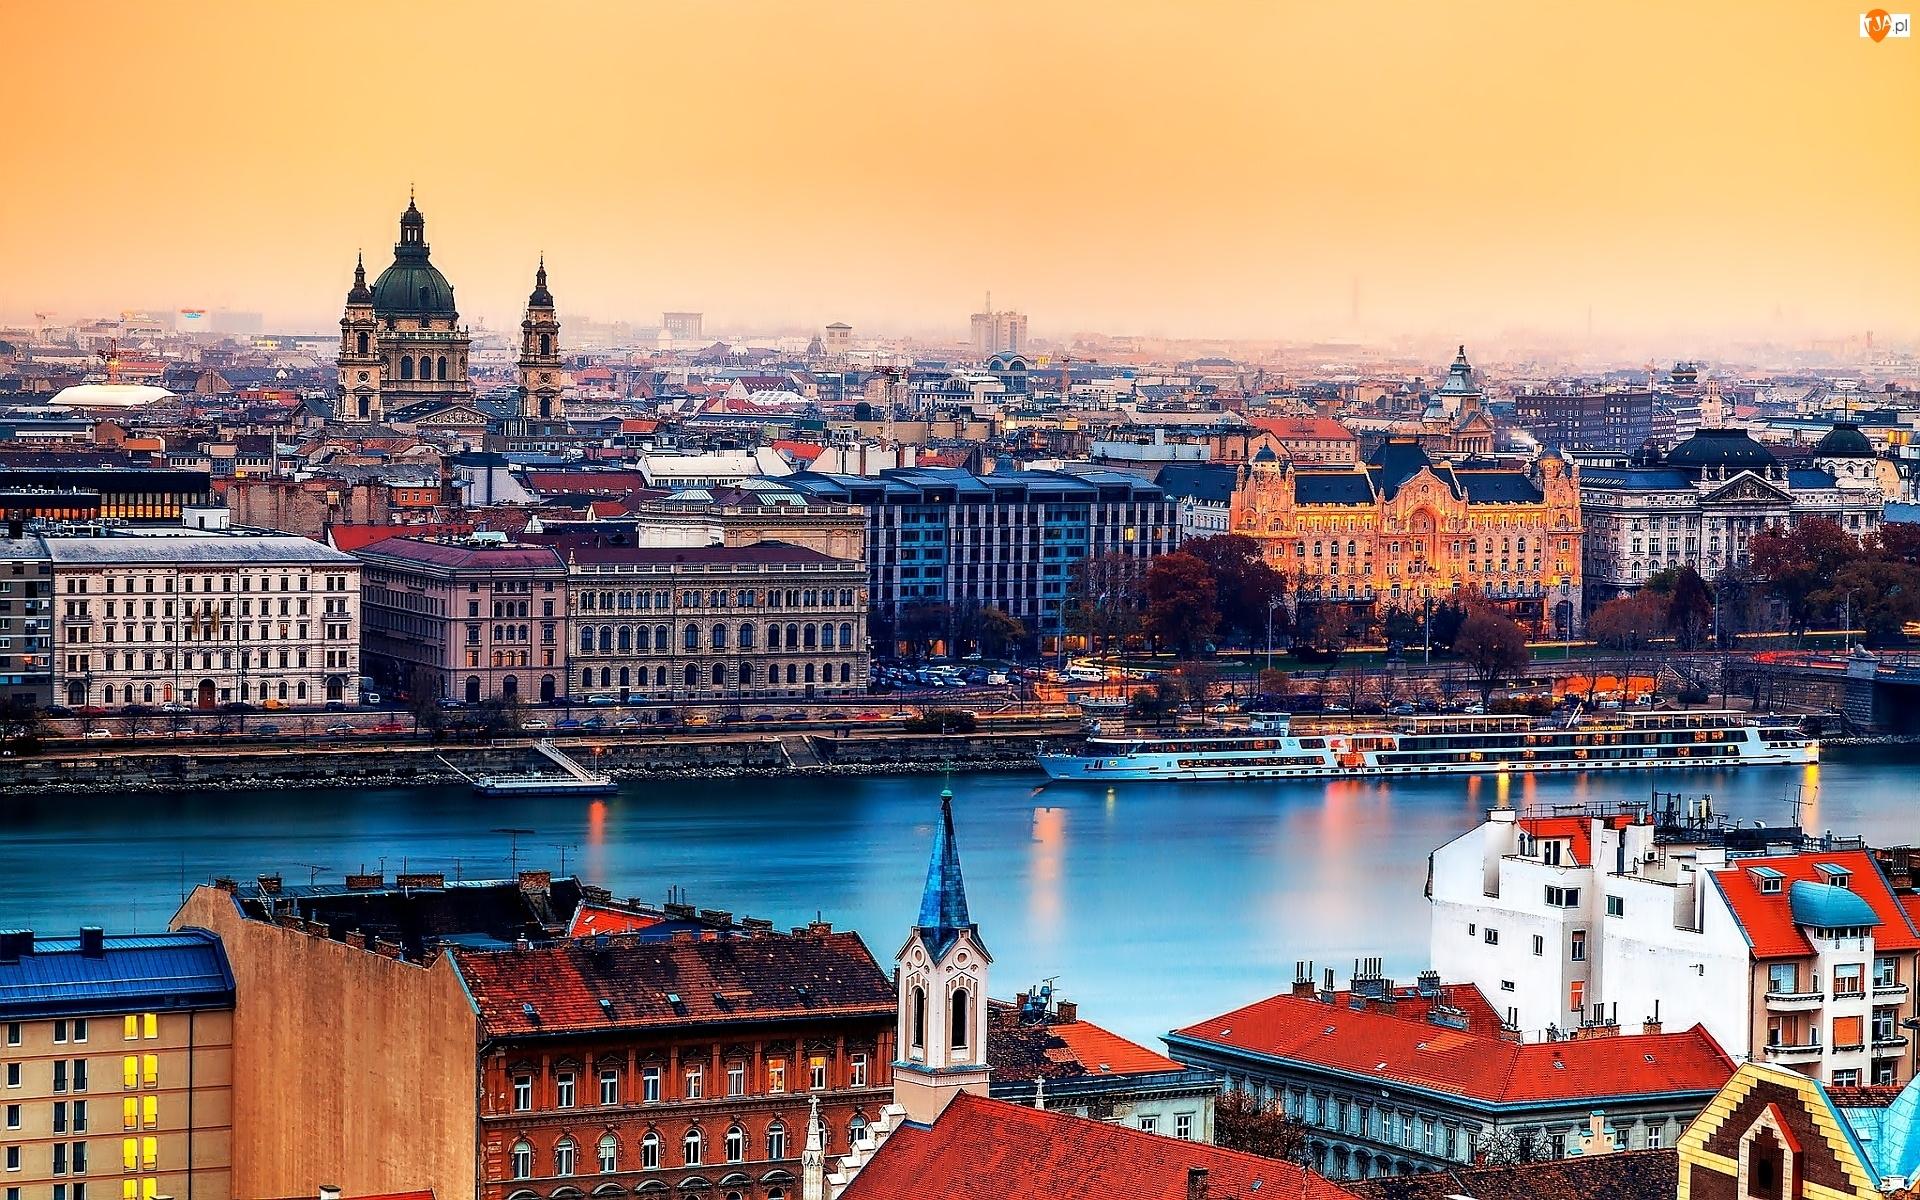 Budapeszt, Zdjęcia miast